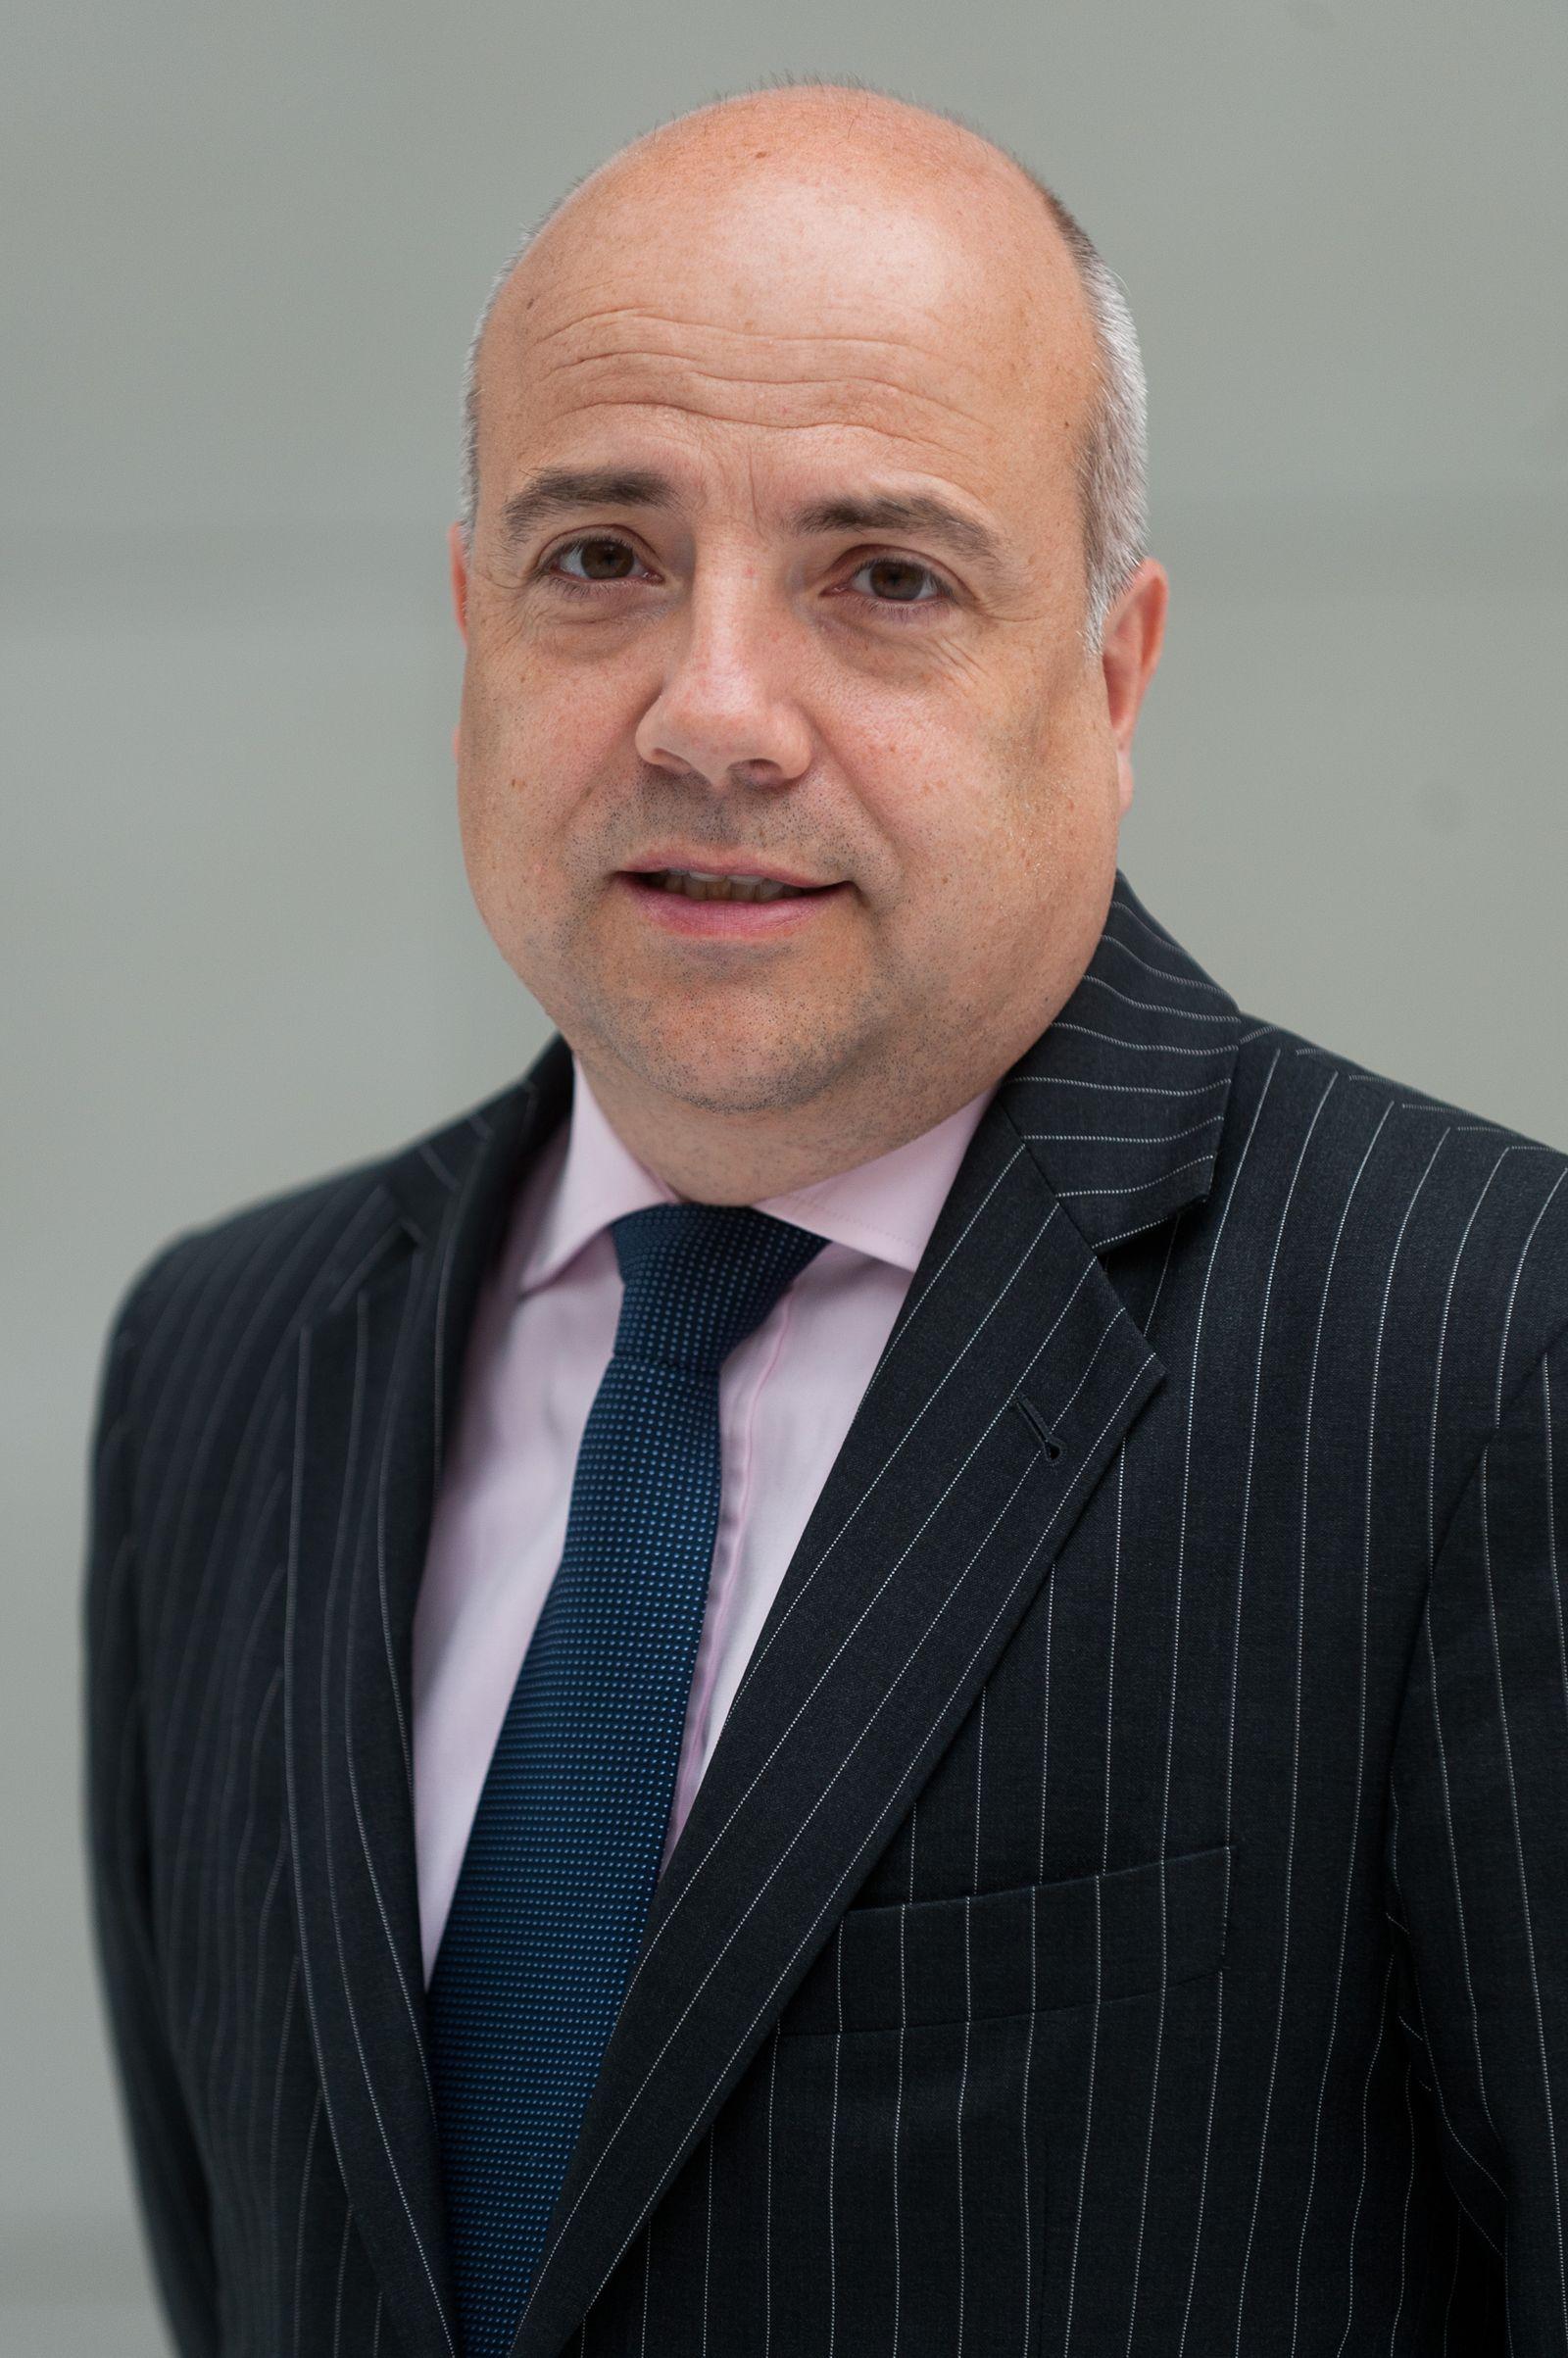 Dr. Markus Kerber